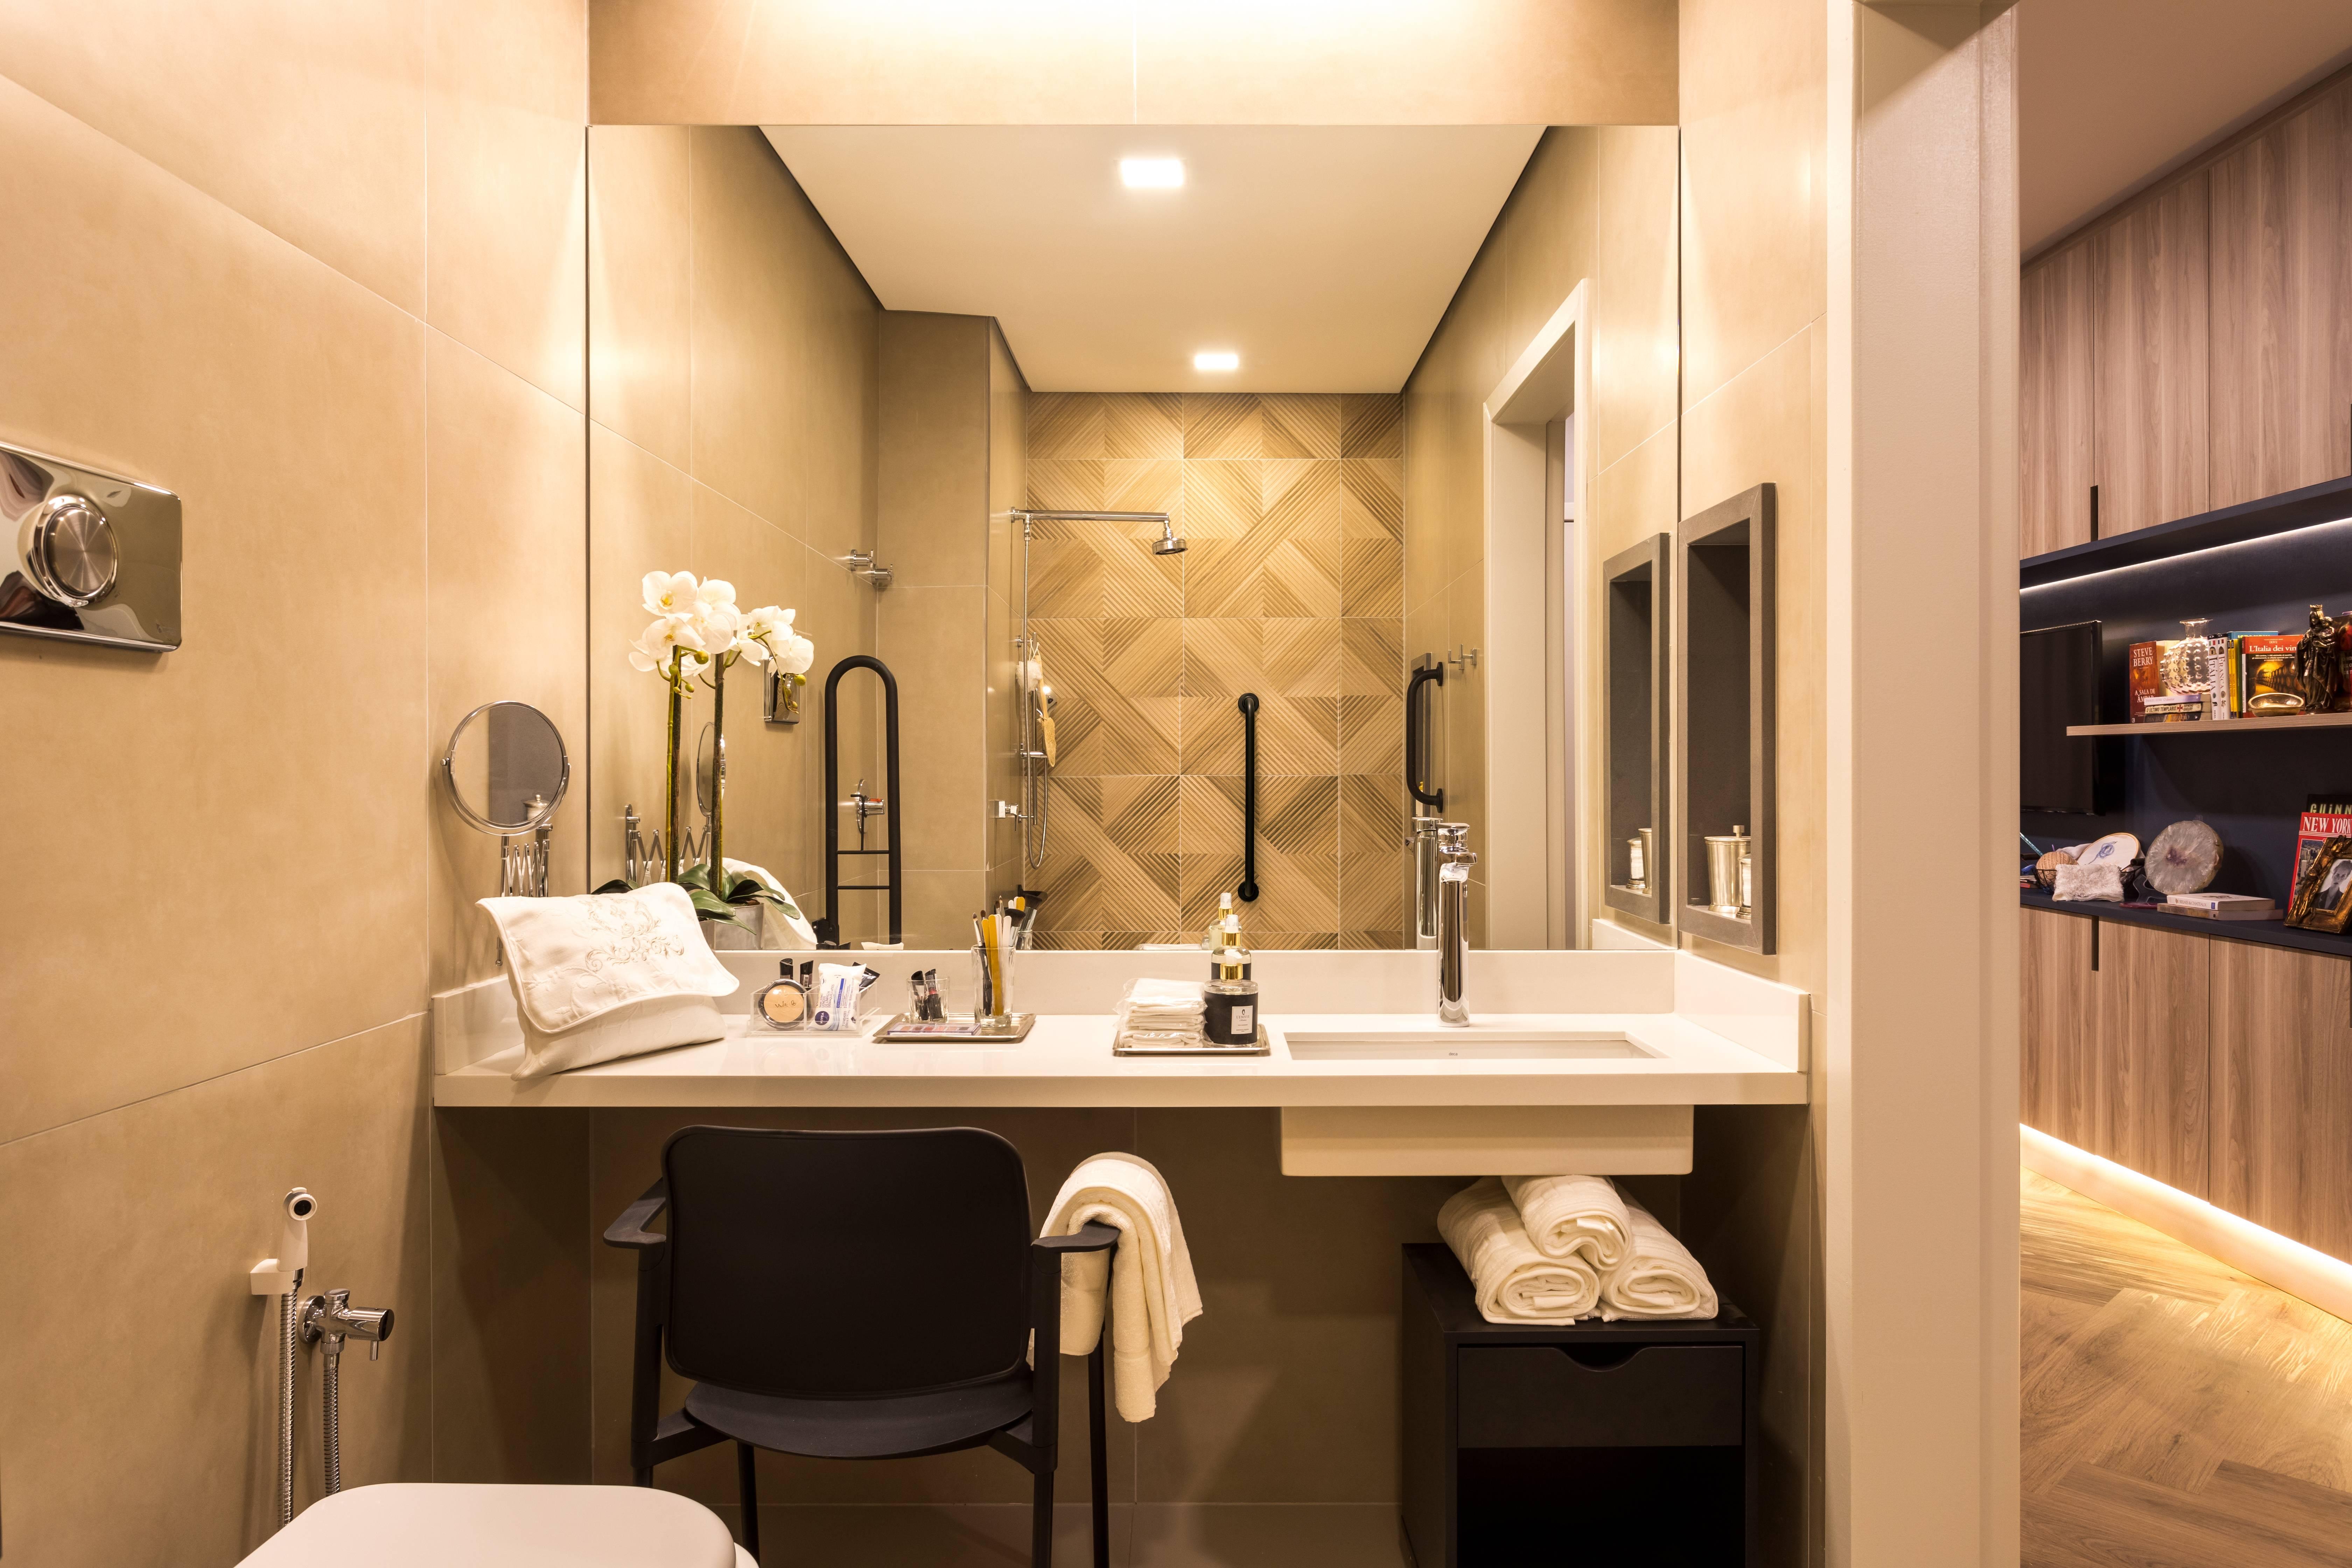 Alguns dos banheiros apresentam diferenças por conta da acessibilidade